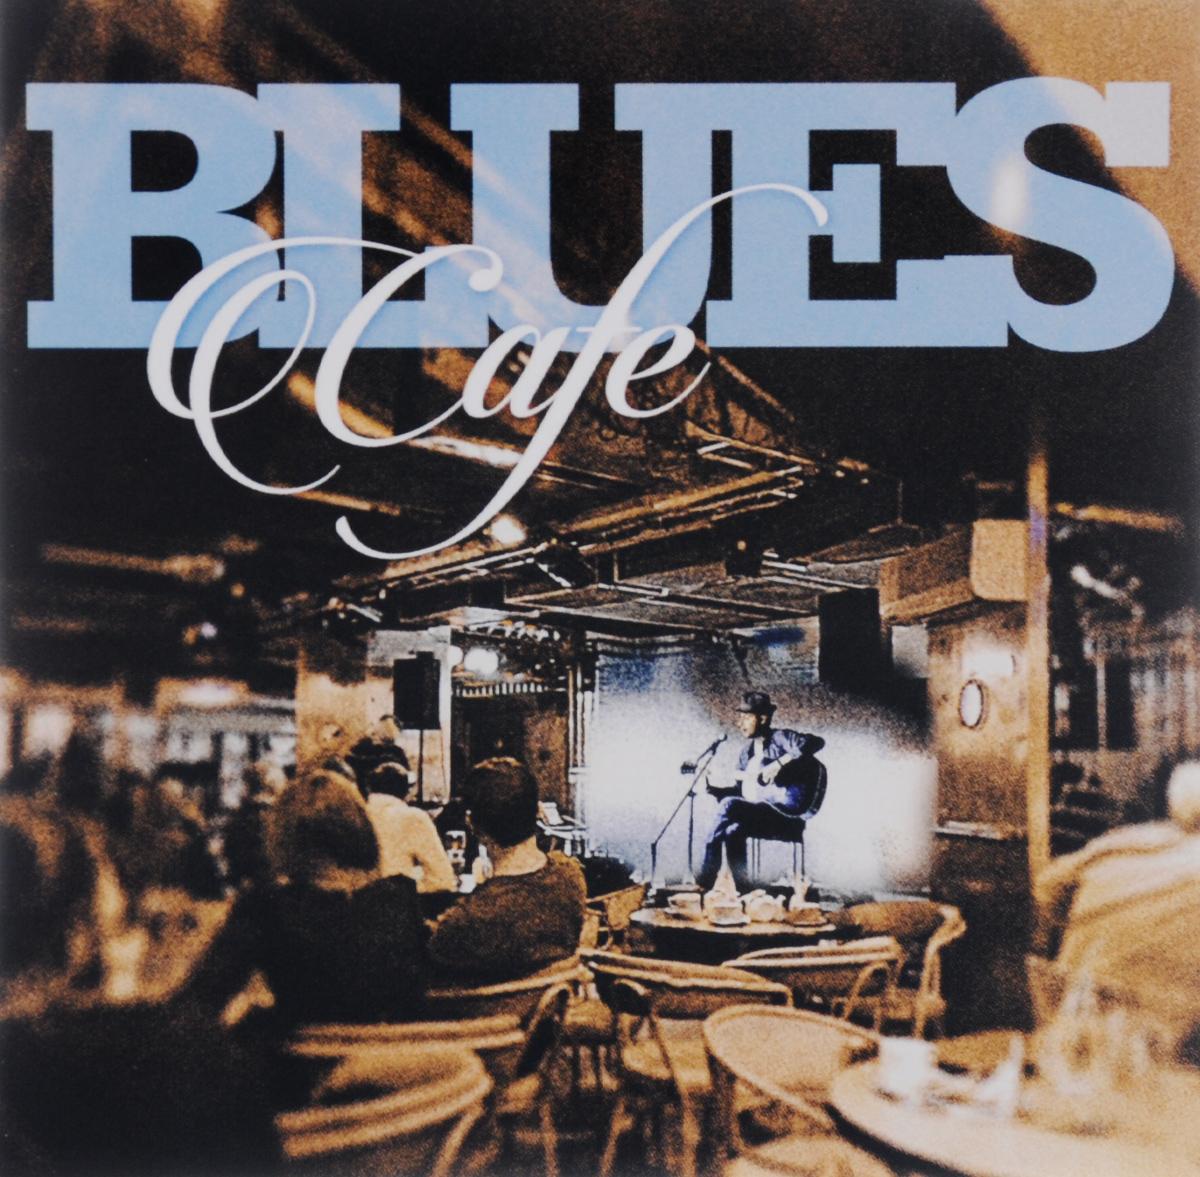 Бобби Блю Блэнд,Бо Диддли,Би Би Кинг,Фрэнк Фрост,Джон Ли Хукер,Мадди Уотерс,Альберт Кинг,Перси Мейфилд,Биг Мама Торнтон,Бадди Гай,Ти-Боун Уокер,Элмор Джеймс,Little Junior Parker,Дж. Б. Ленуар,Слим Харпо,Биг Мэйбелл Blues Cafe (2 CD) бадди гай роберт джонсон артур бернетт честер мадди уотерс этта джеймс вилли диксон 100 years of the blues 2 cd